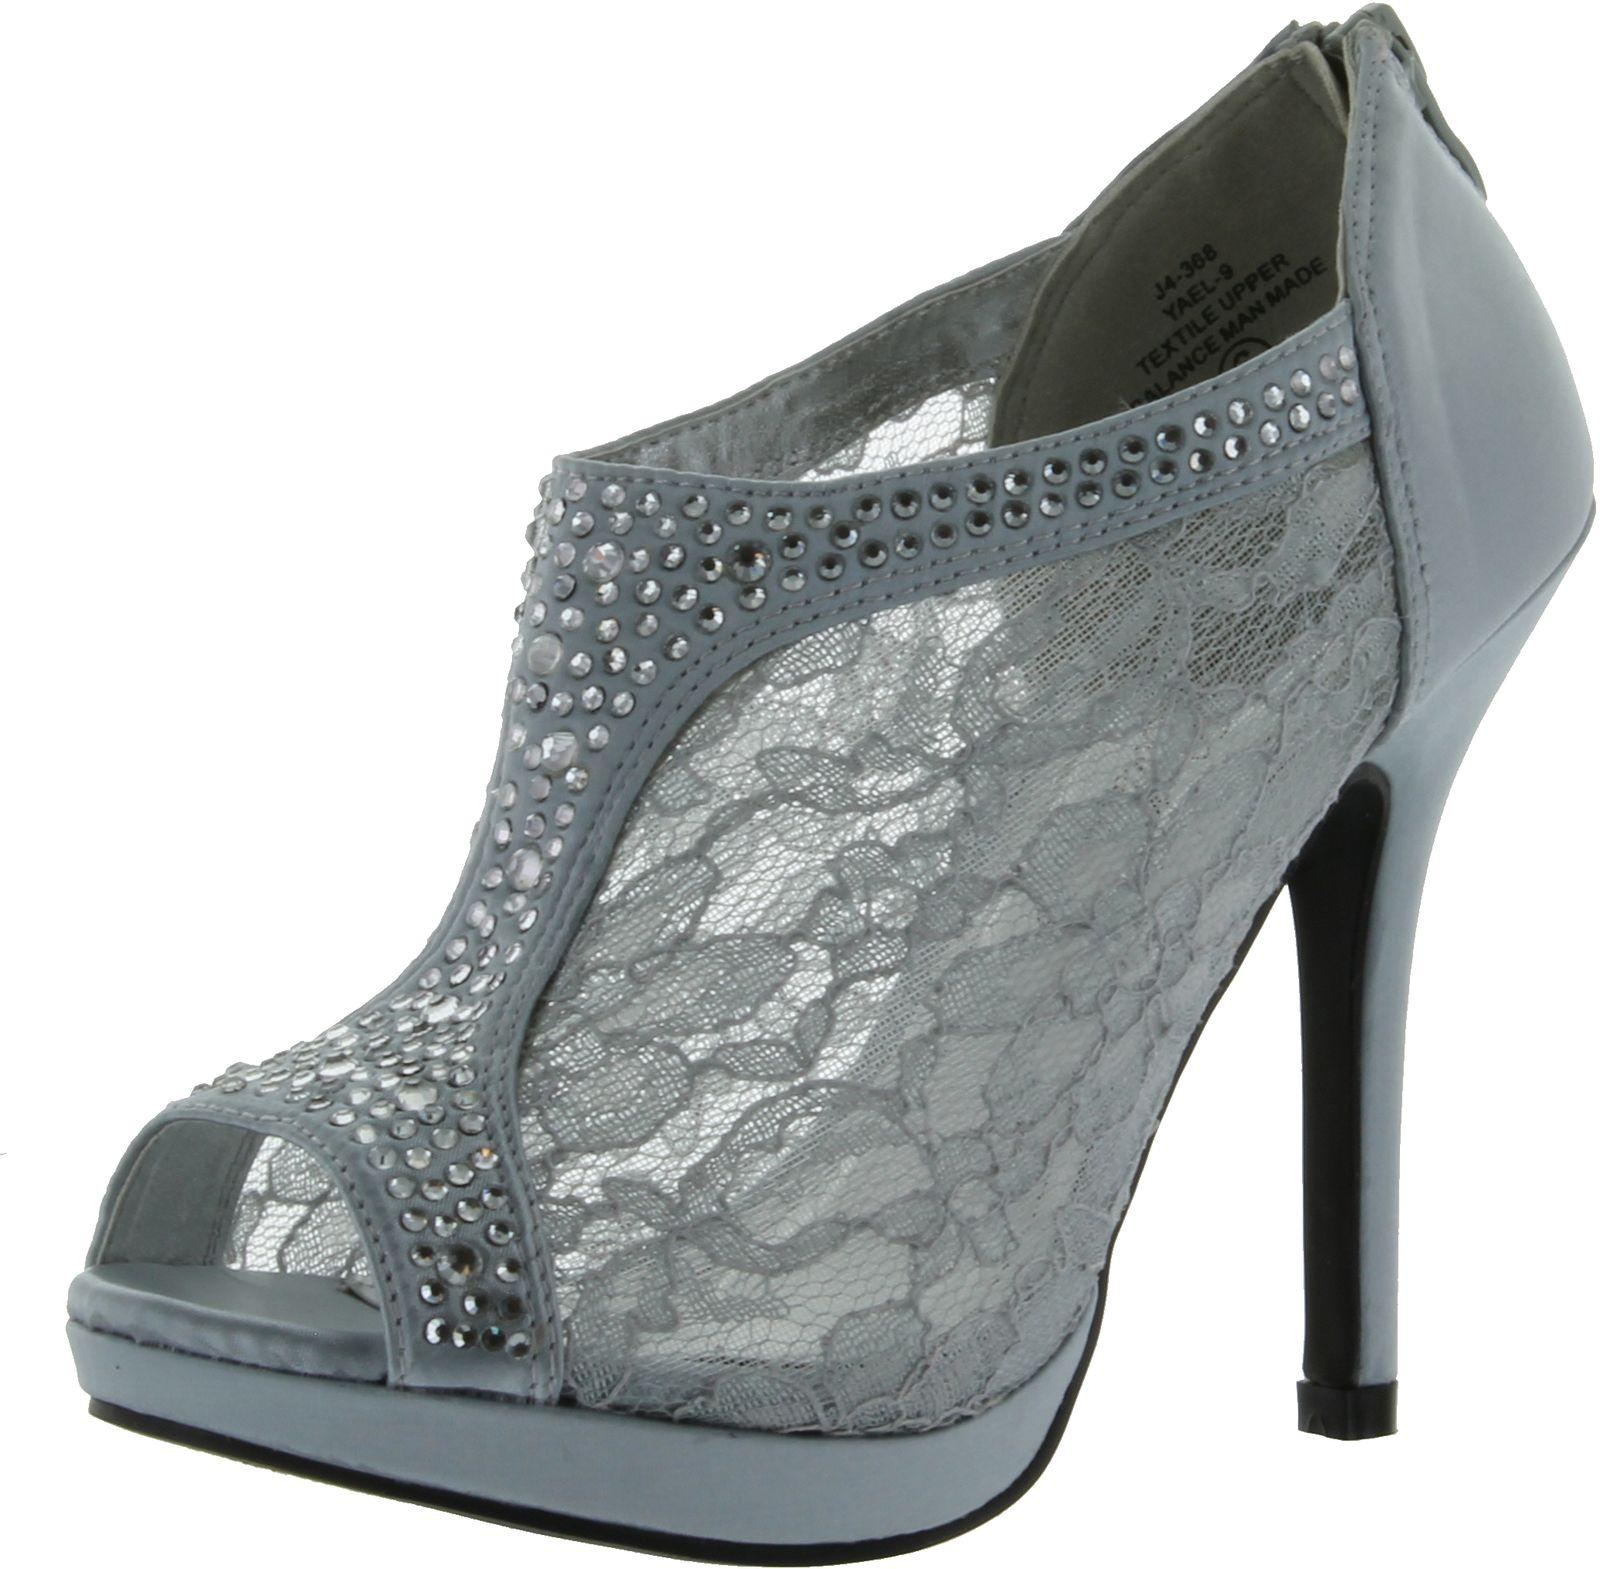 De Blossom De Blossom Womens Yael-9 Dress Pumps Shoes